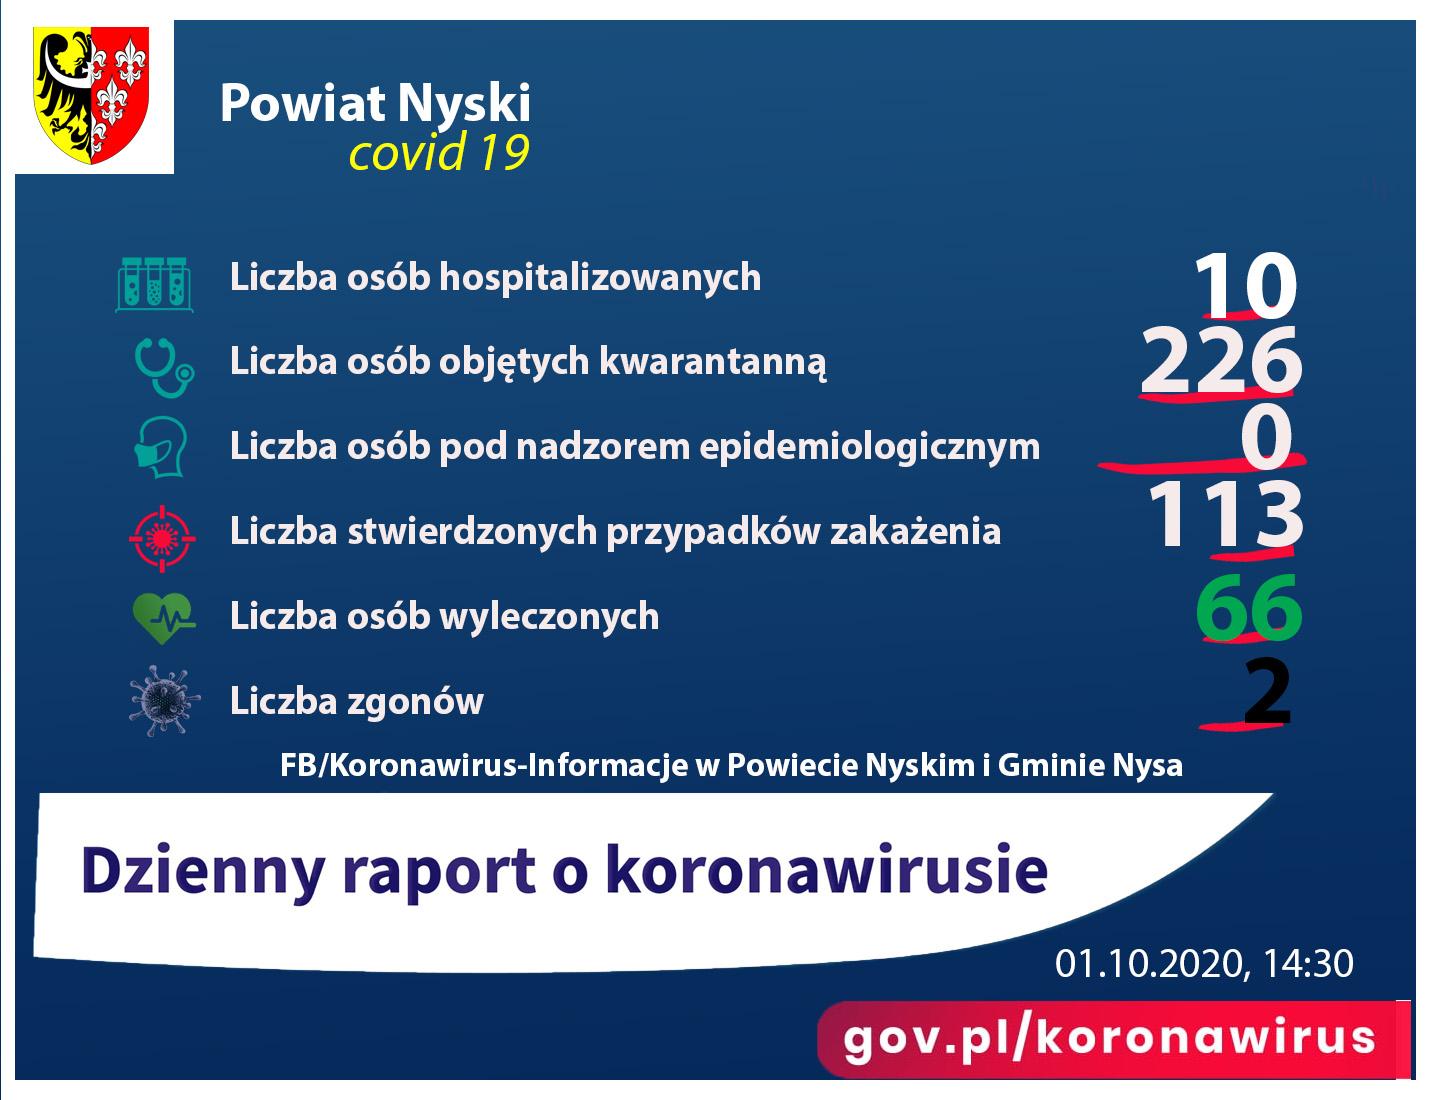 Raport - liczba zakażonych 113, ozdrowieńców 66, zgony 2, pod nadzorem 0, kwarantanna 226